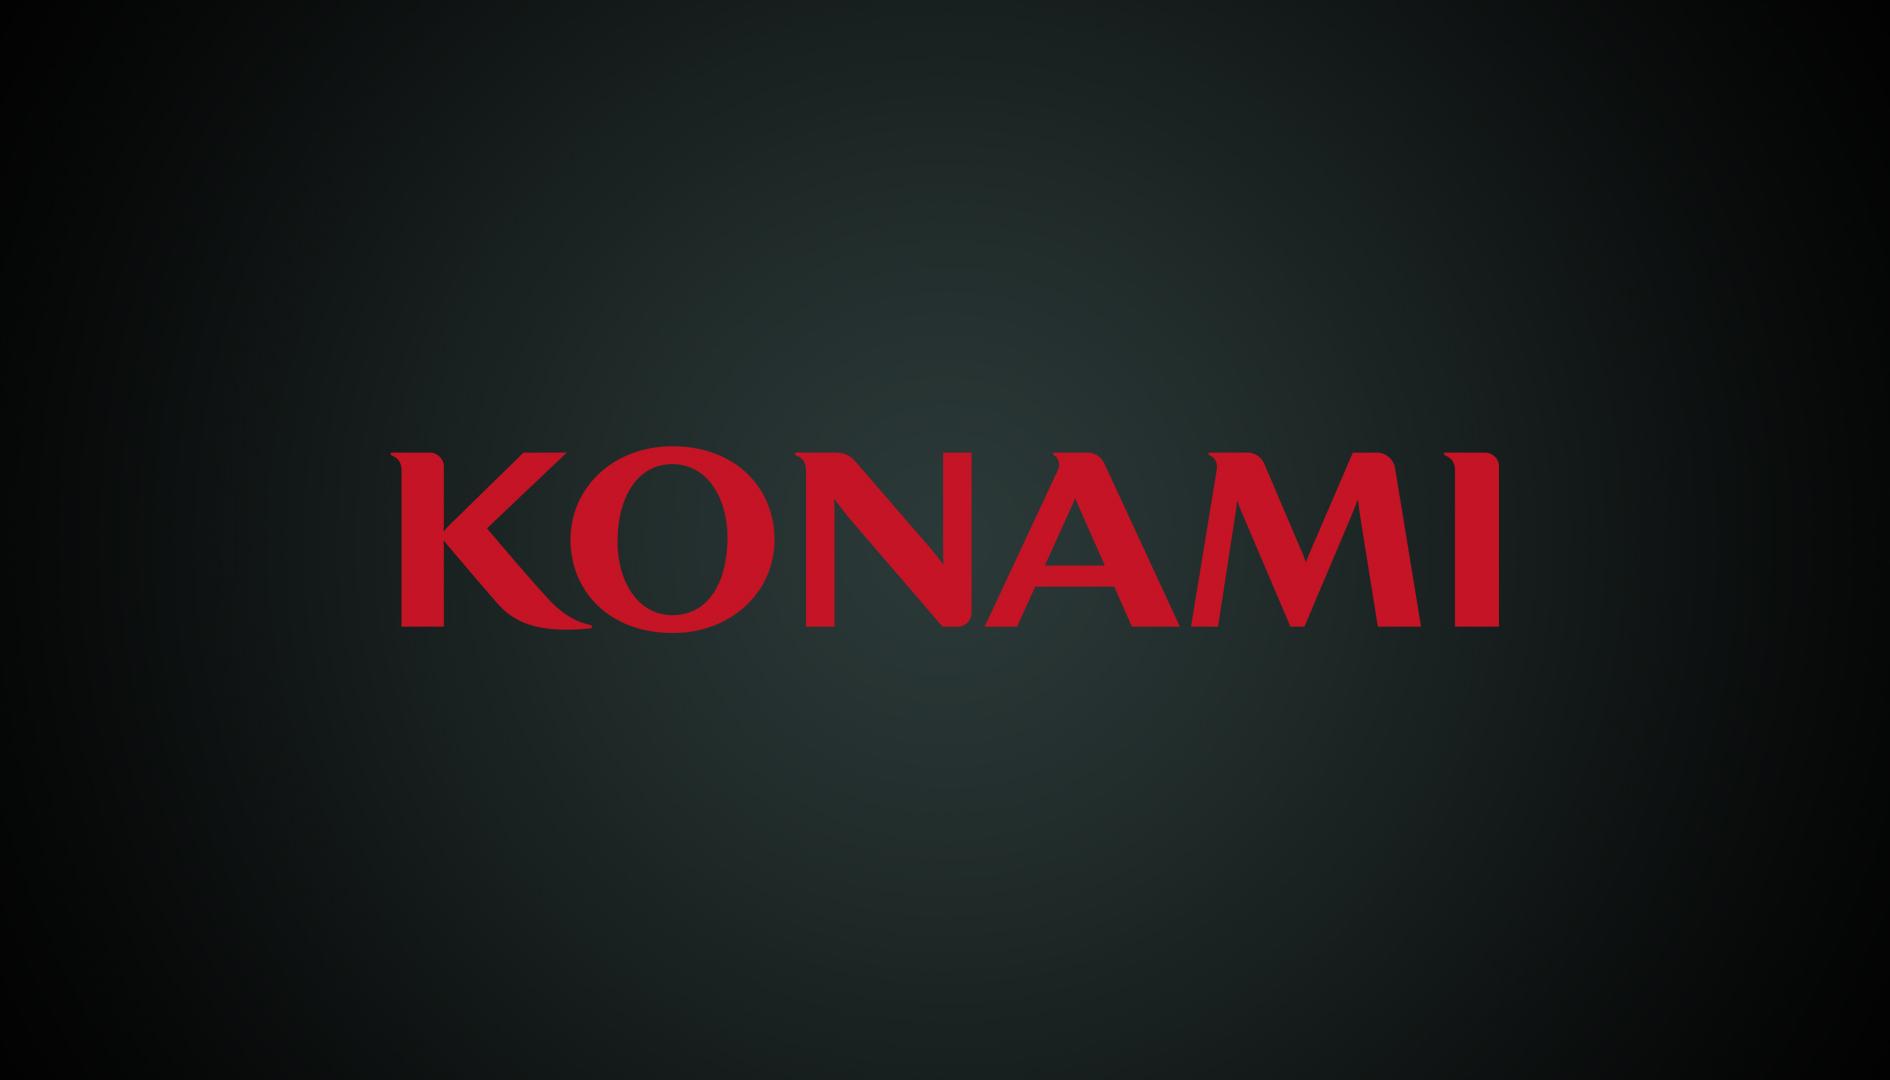 Konami smette di produrre videogiochi, chiuderanno le tre divisioni